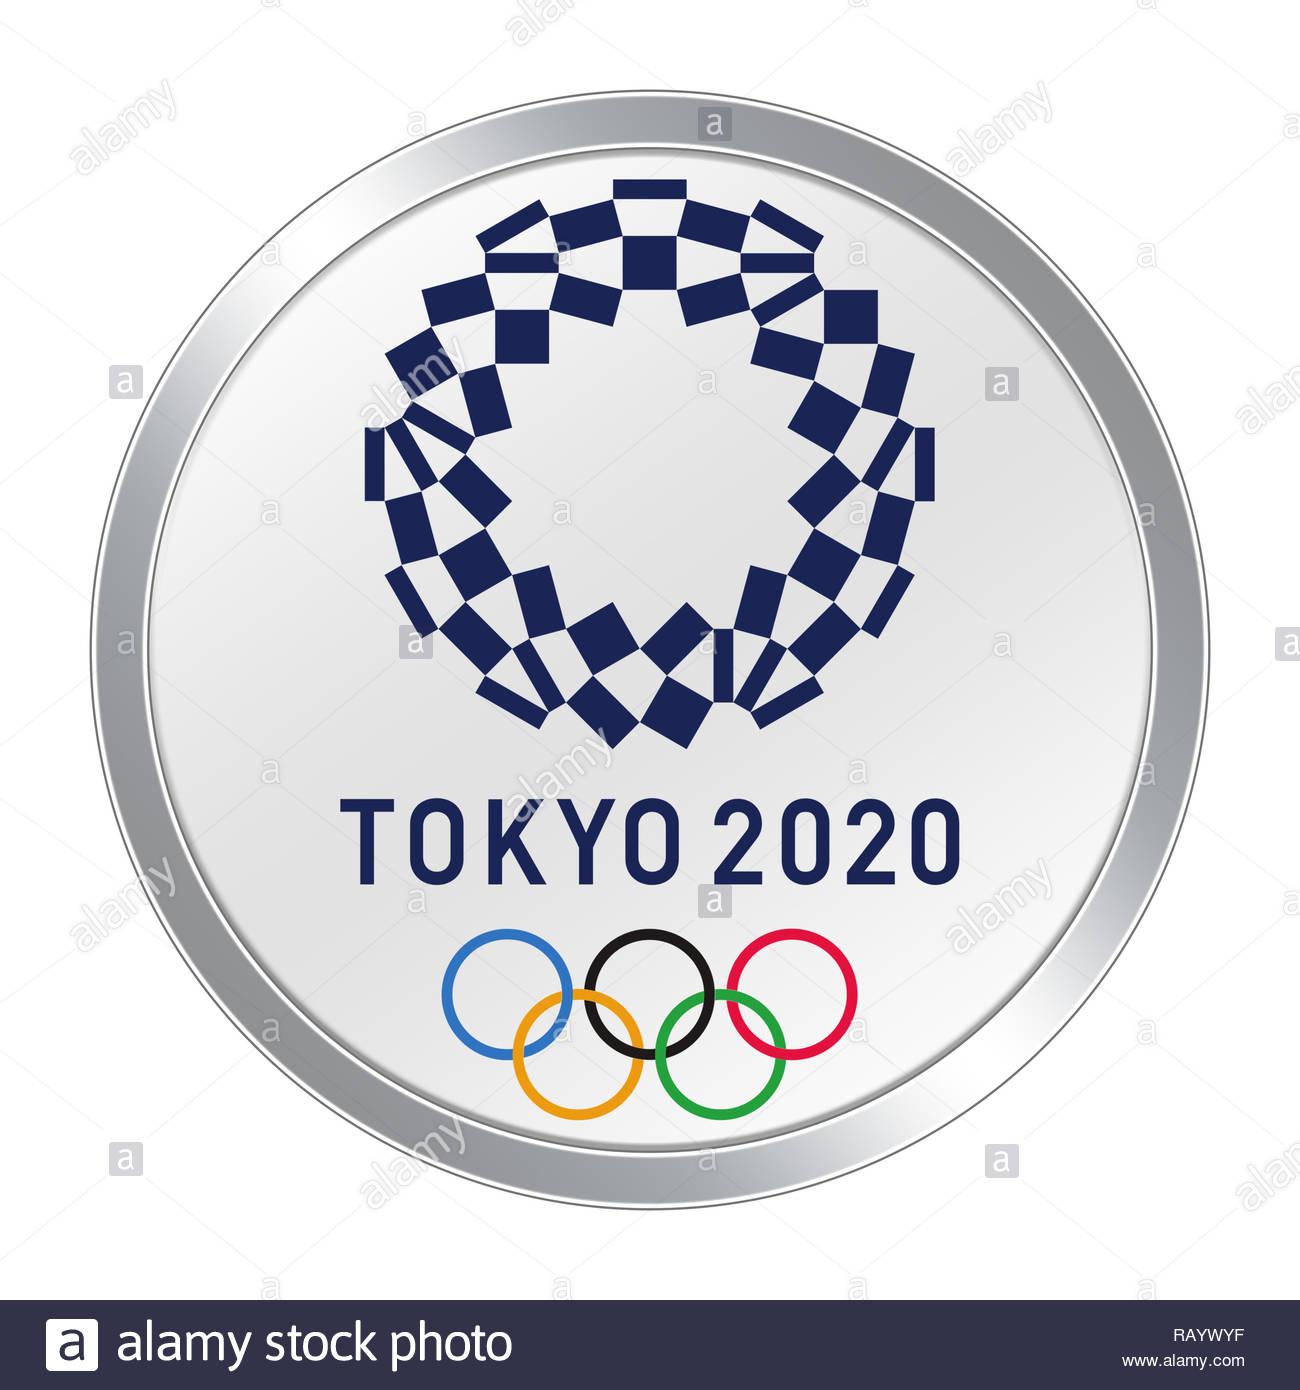 Tokyo 2020 logo Olympics Stock Photo